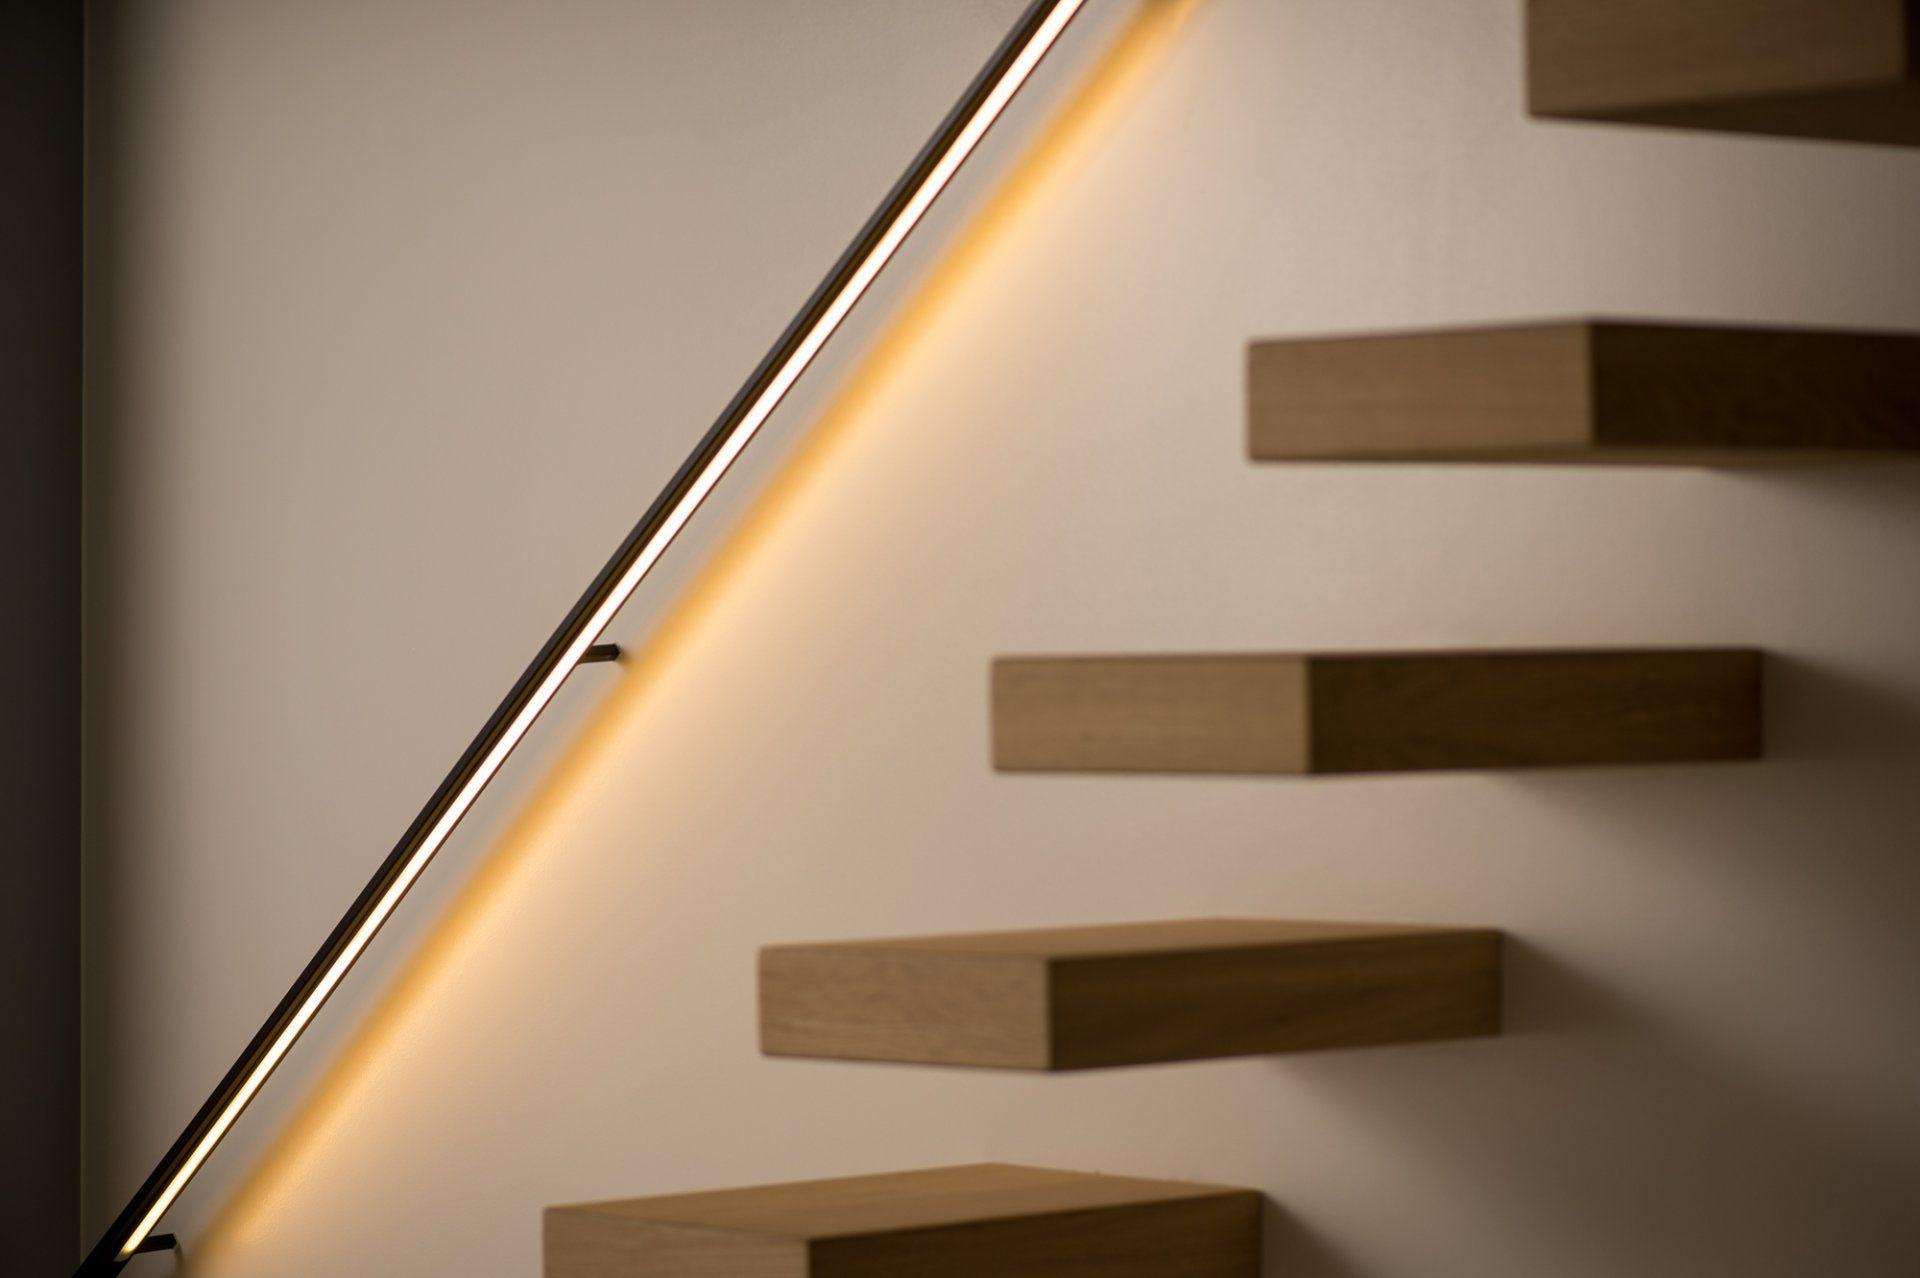 Strakke Metalen Muurgreep Met Led Verlichting Staircase Handrailstaircase Ideasrailingsfloating